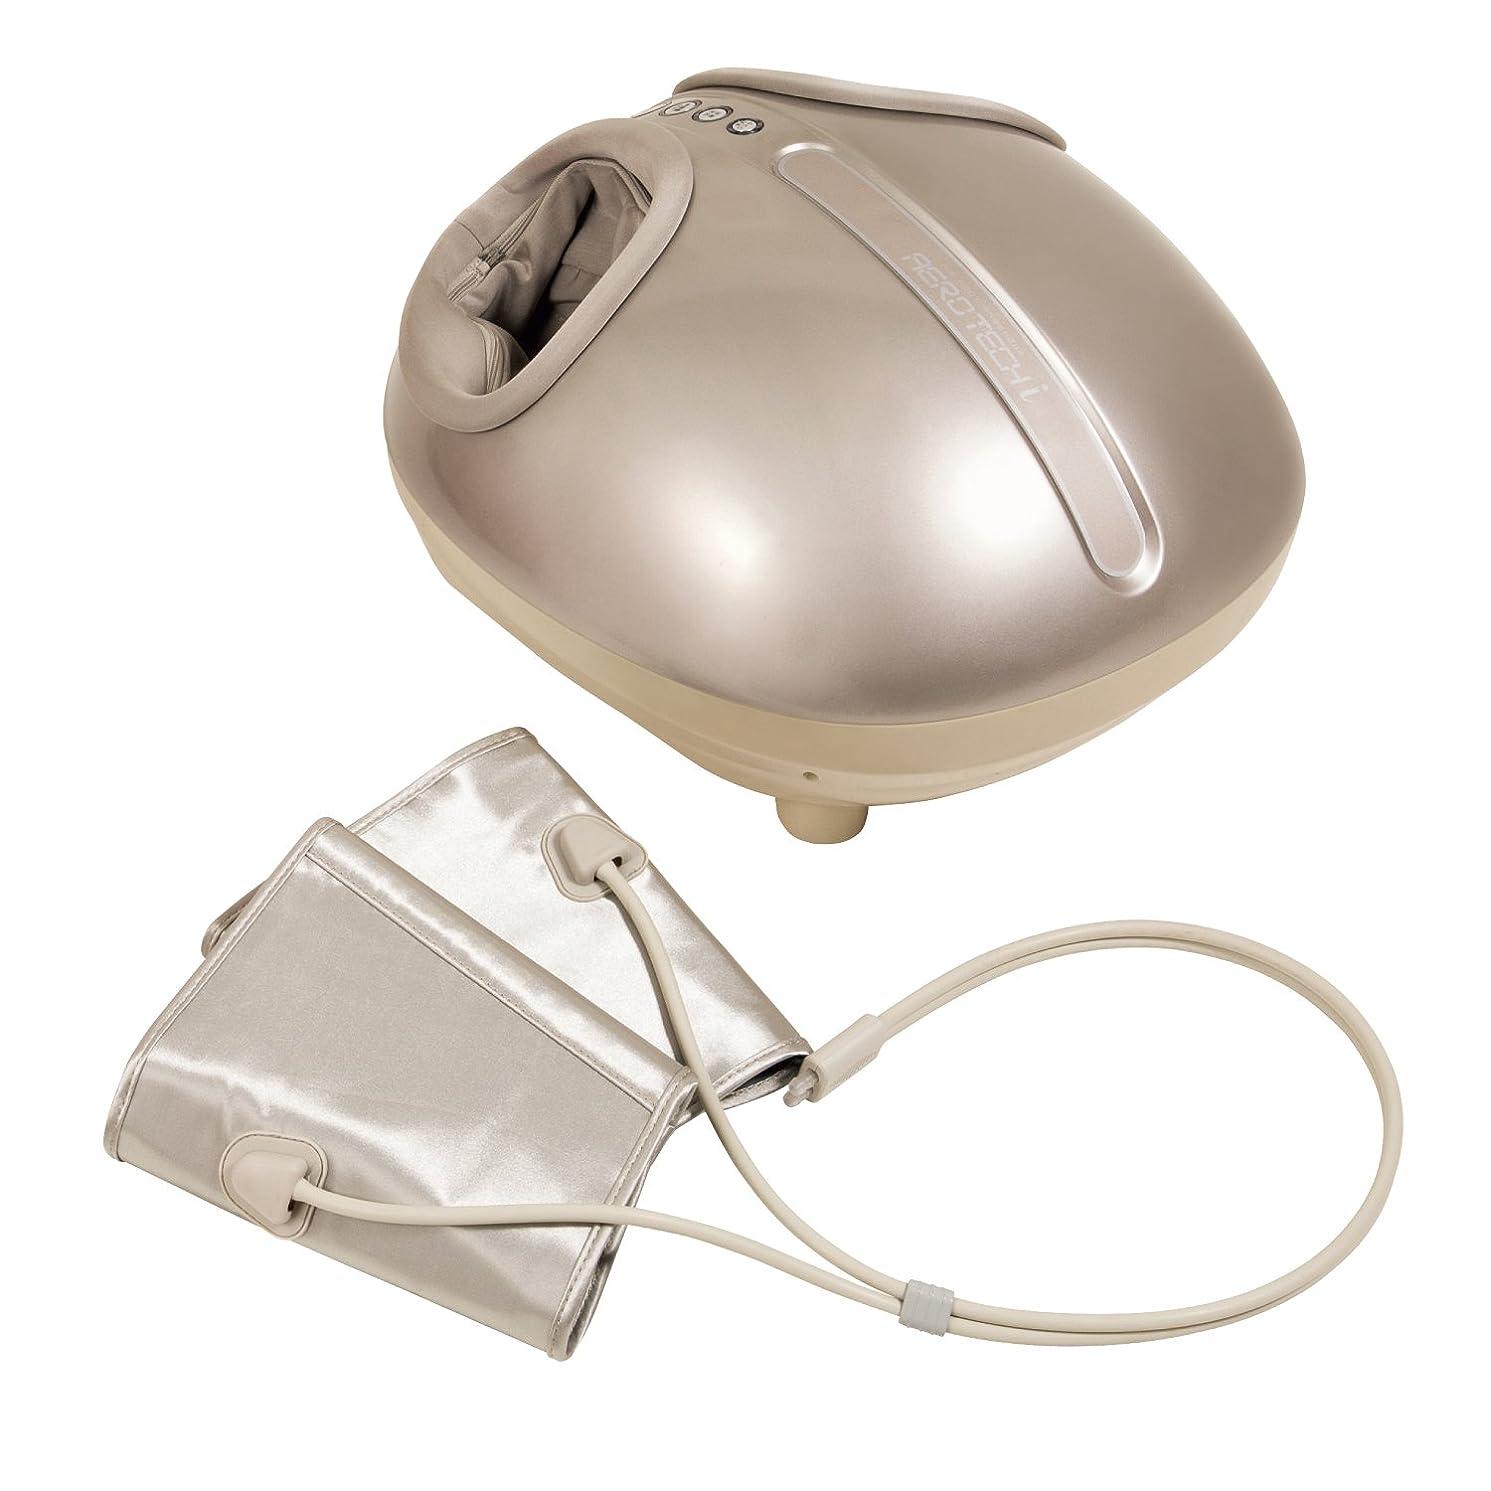 姿勢突破口卵ツカモトエイム ポルト エアーフットマッサージャー  エアロテックアイ ヒーター機能搭載 (シャンパンゴールド) AIM-012(CG)